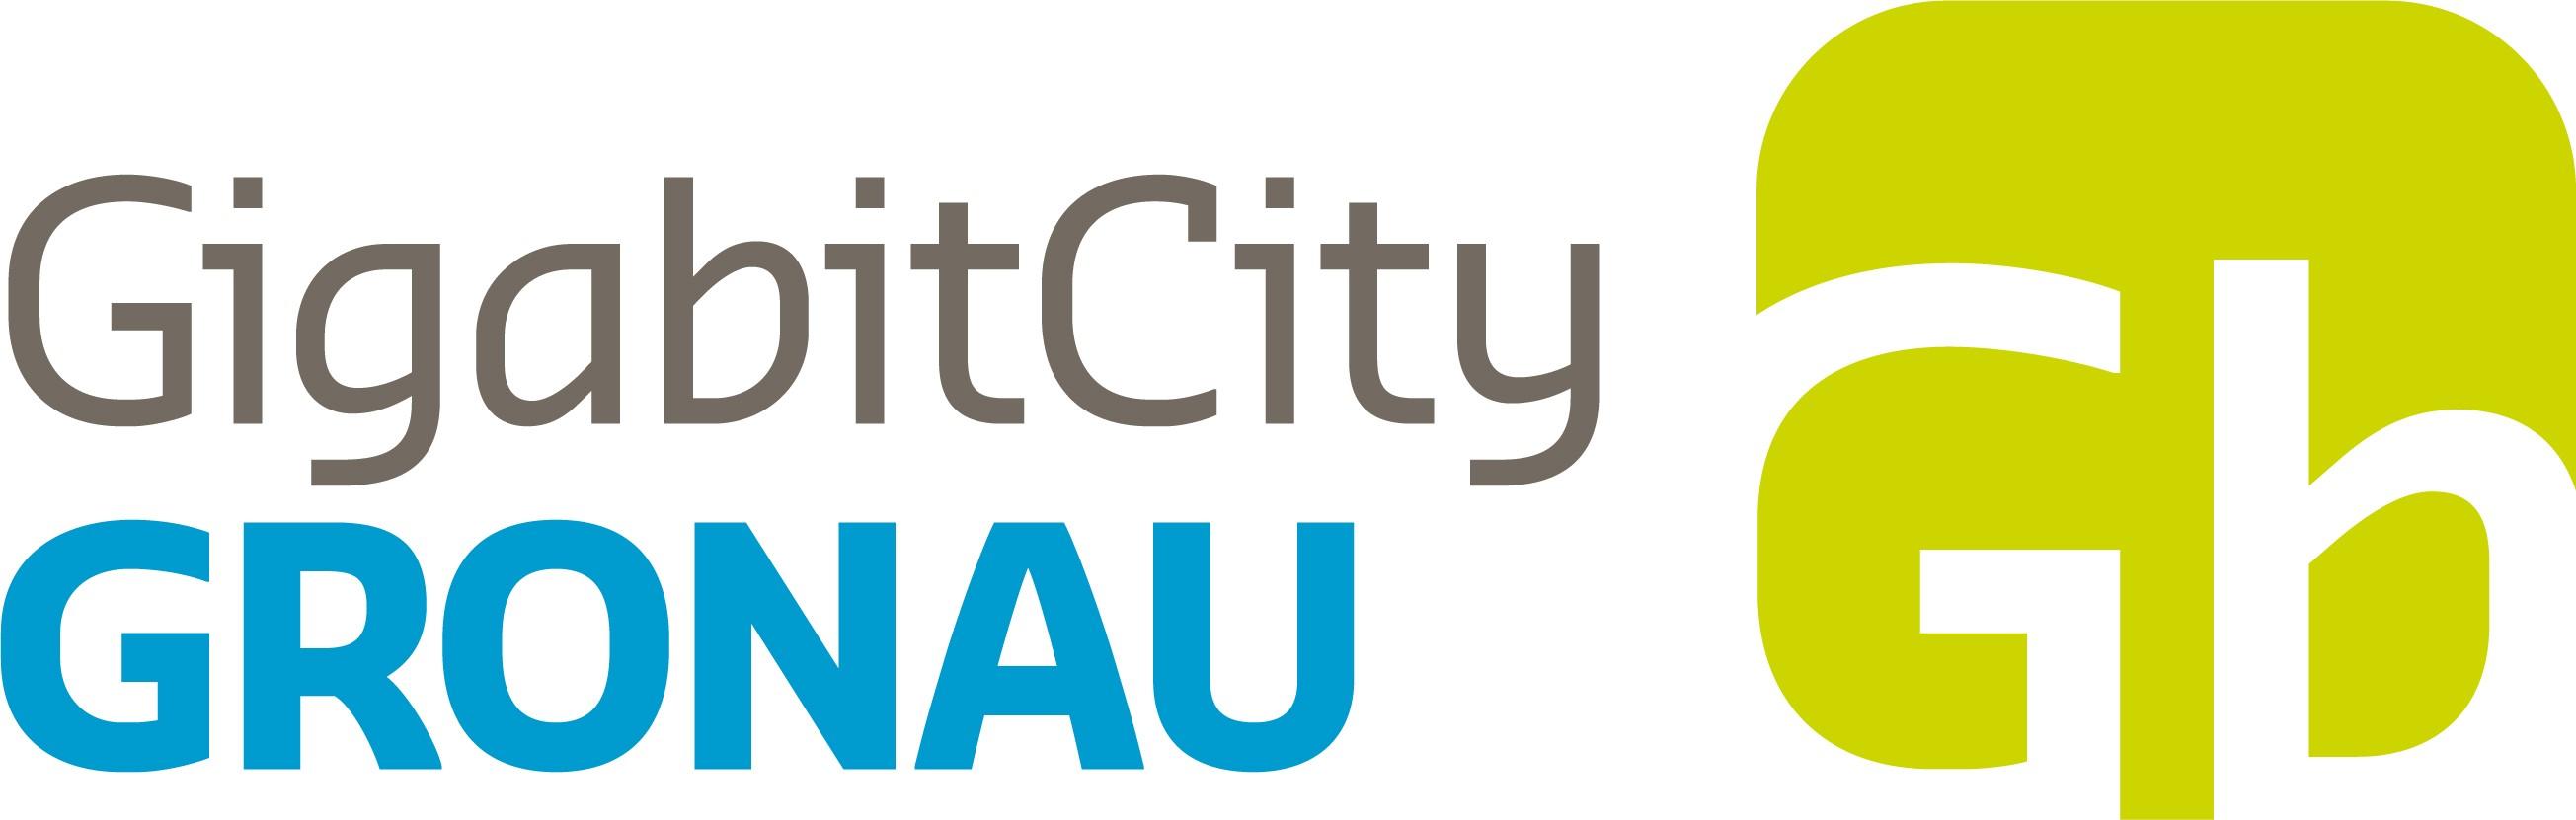 Logo Gigabit Gronau - Gronau wird zur GigabitCity